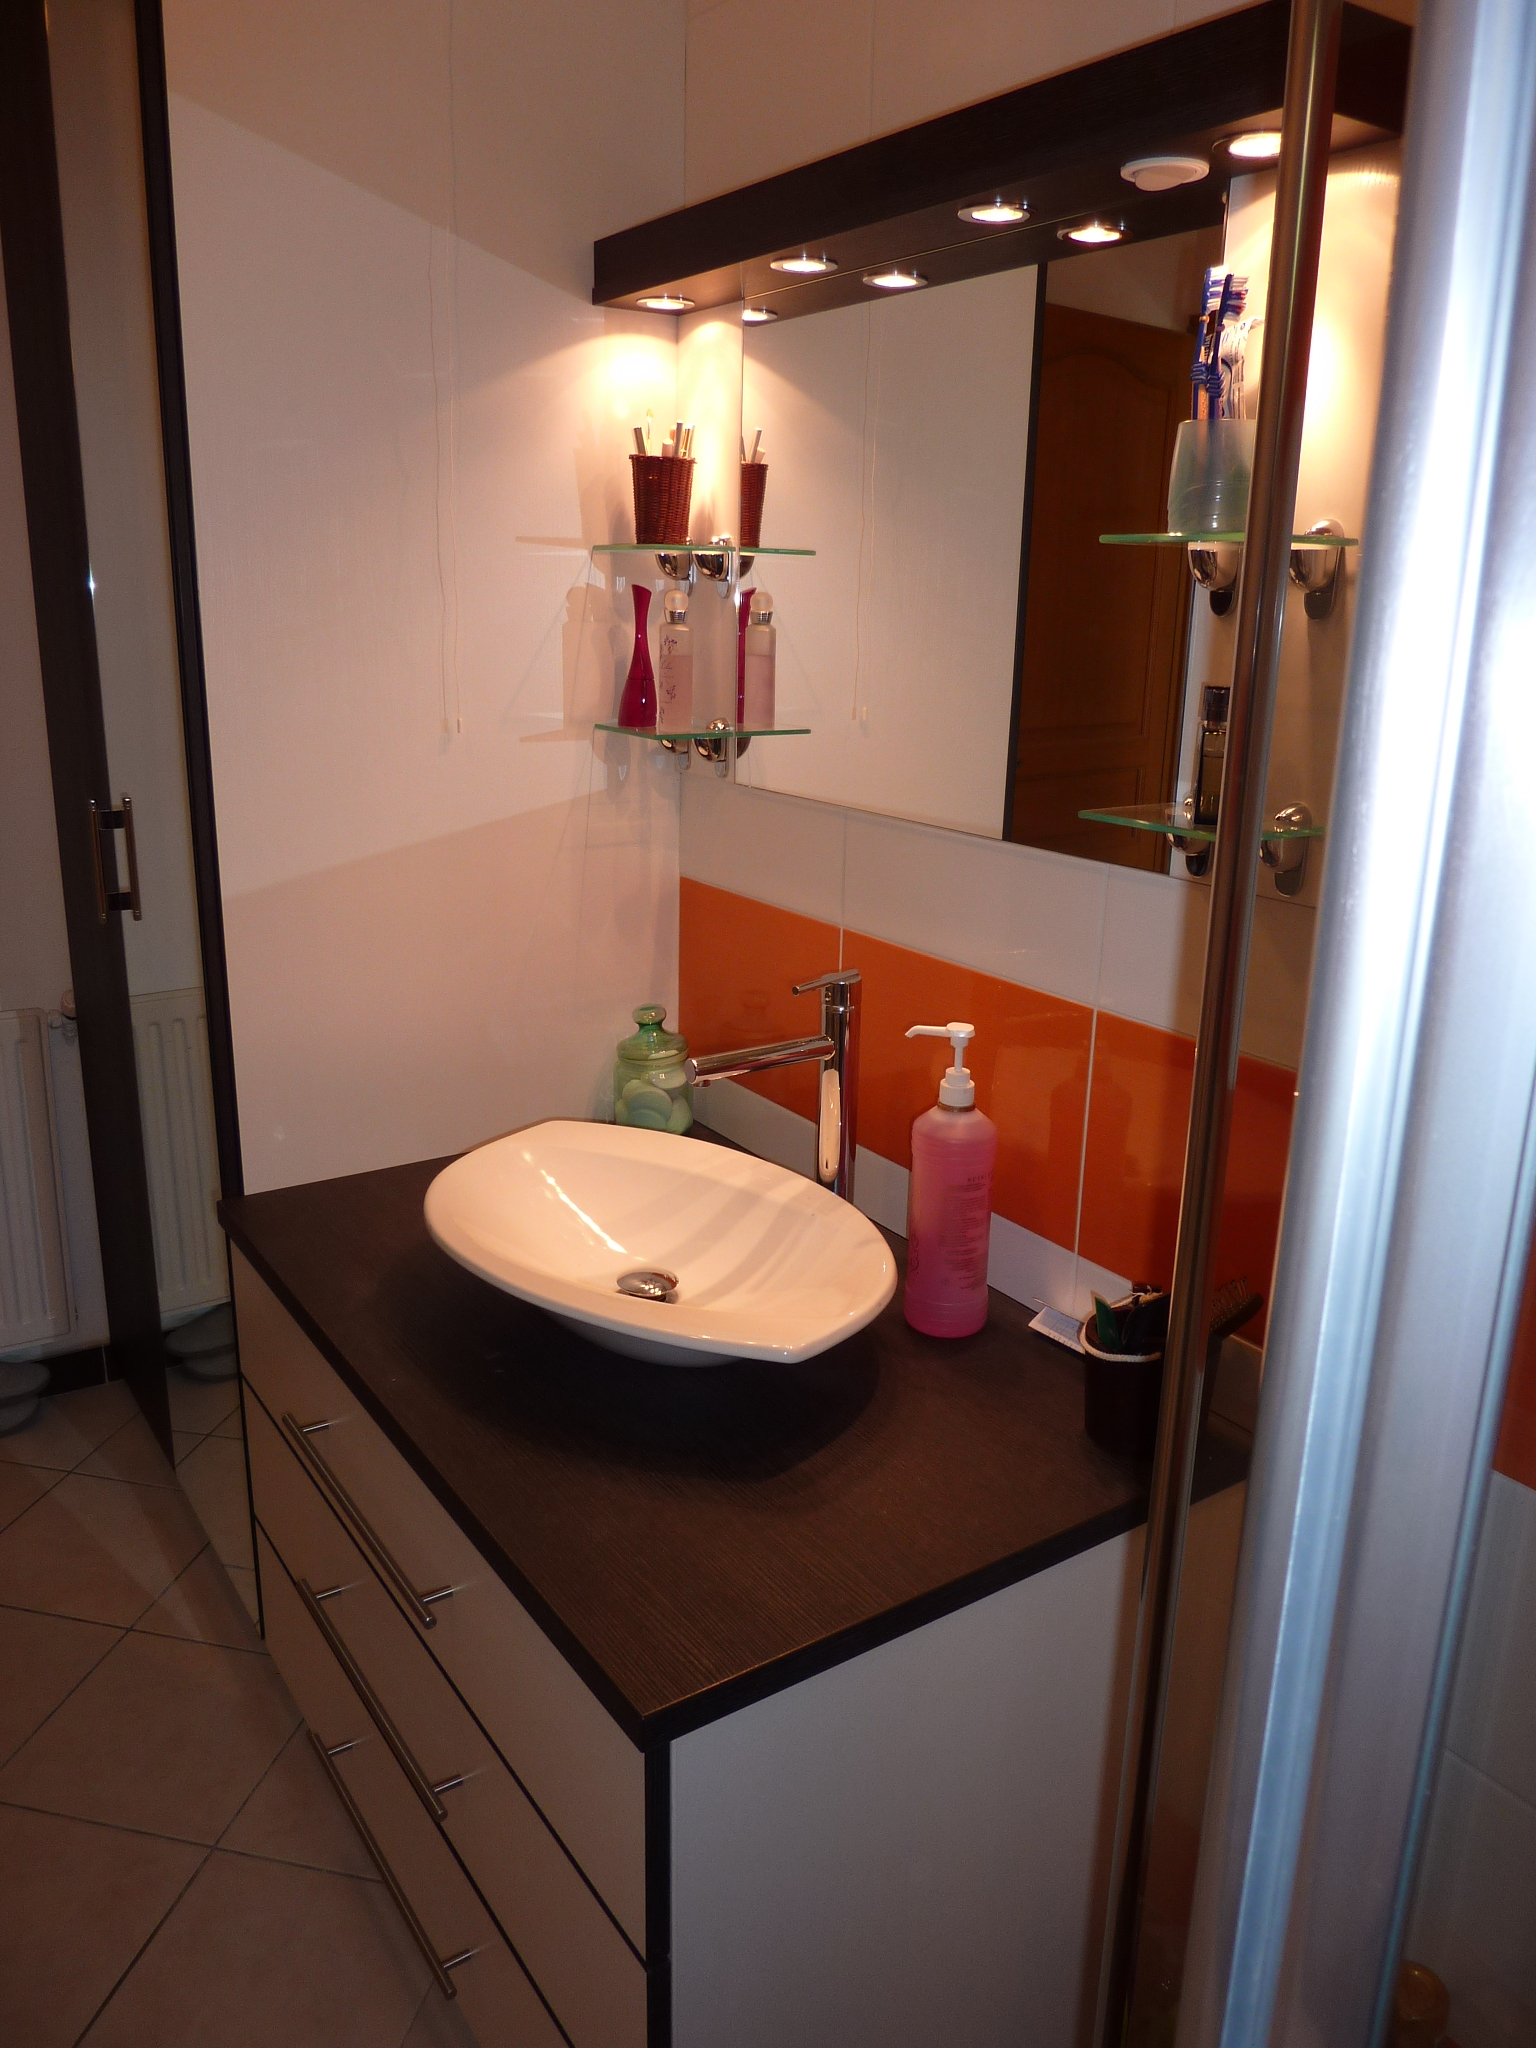 miroir salle de bain sur mesure maison design. Black Bedroom Furniture Sets. Home Design Ideas